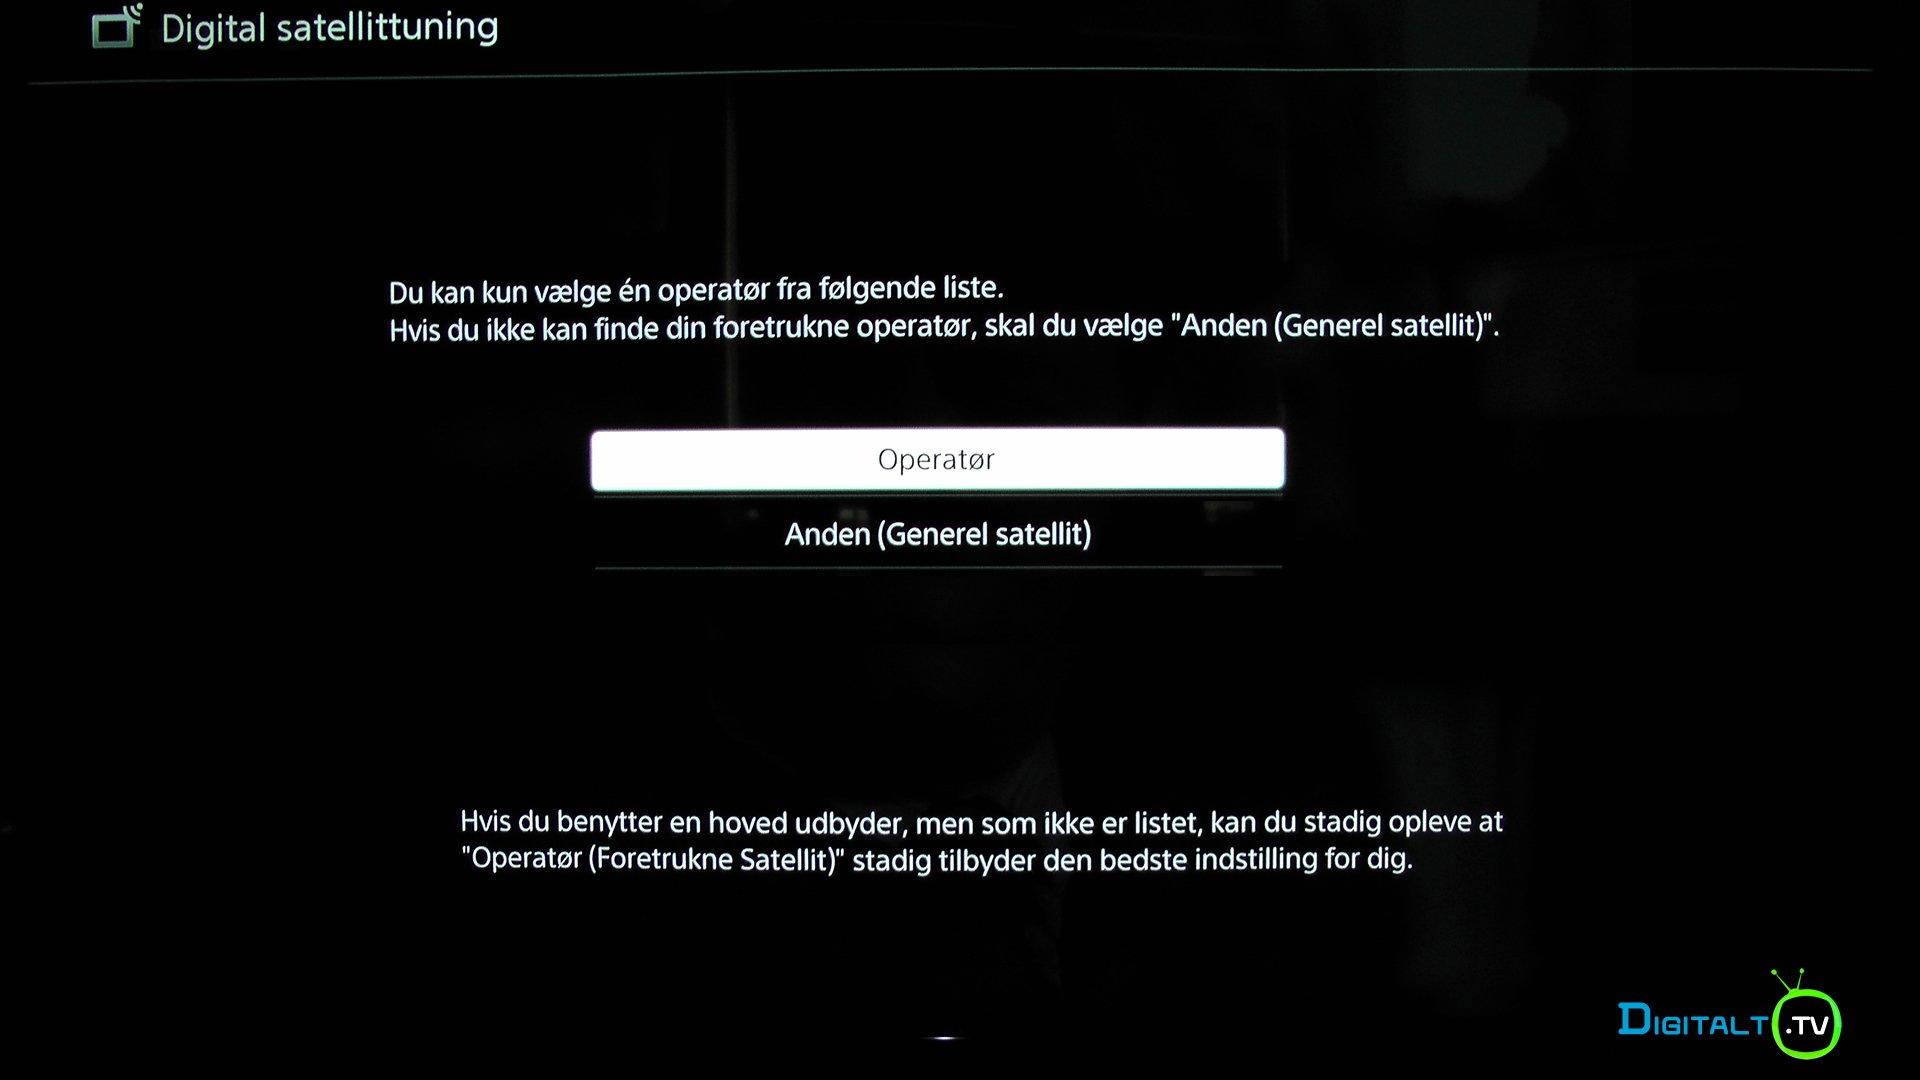 Viasat kanaler virker ikke